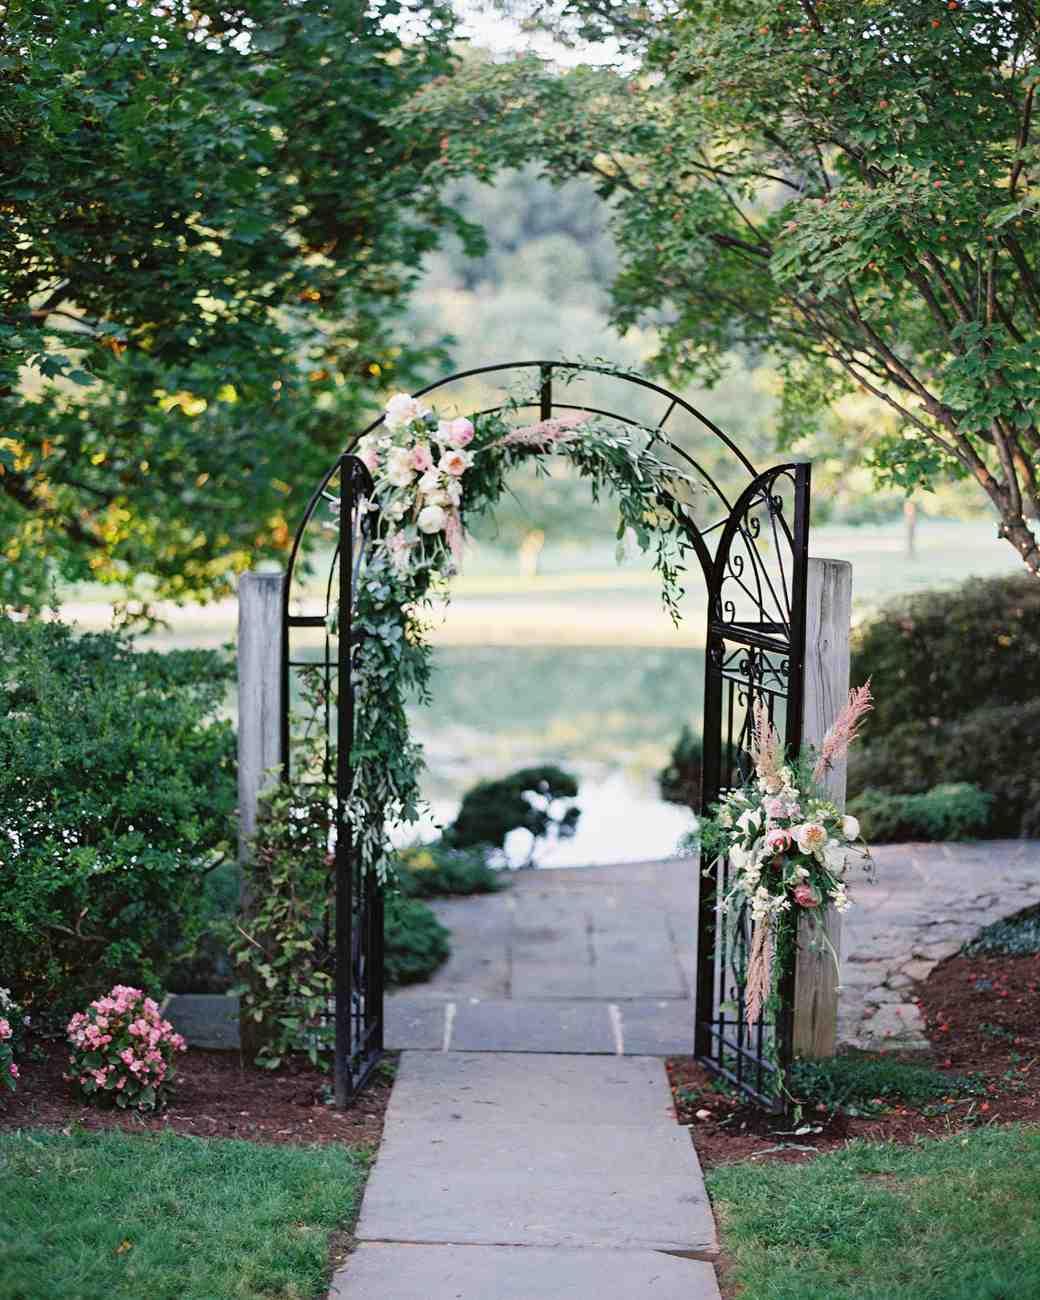 amy-garrison-wedding-gate-00562-6134266-0816.jpg